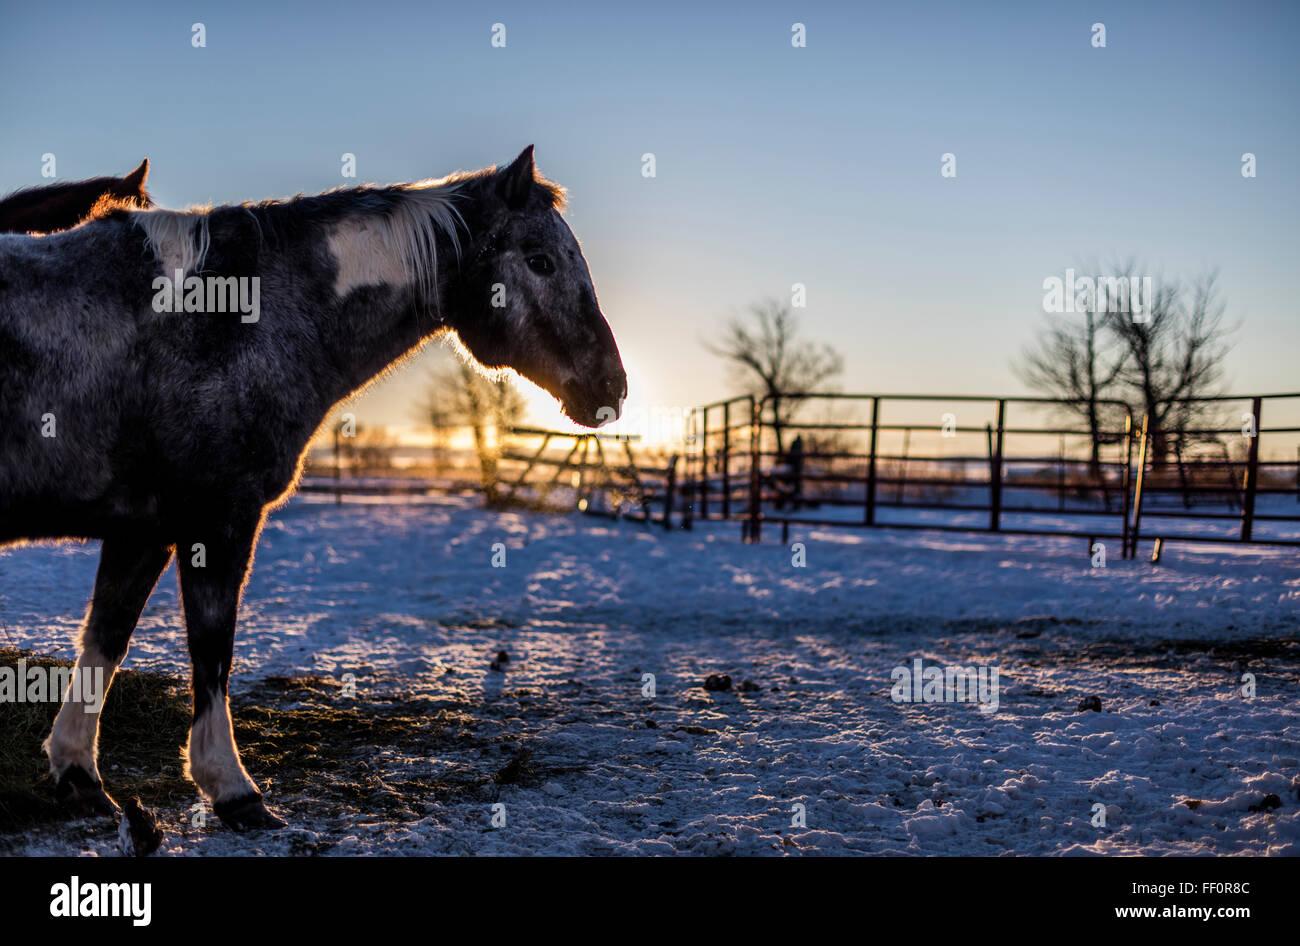 Mustangs aus freier Wildbahn durch ein staatliches Programm in ihrer neuen Heimat im östlichen Idaho übernommen. Stockbild